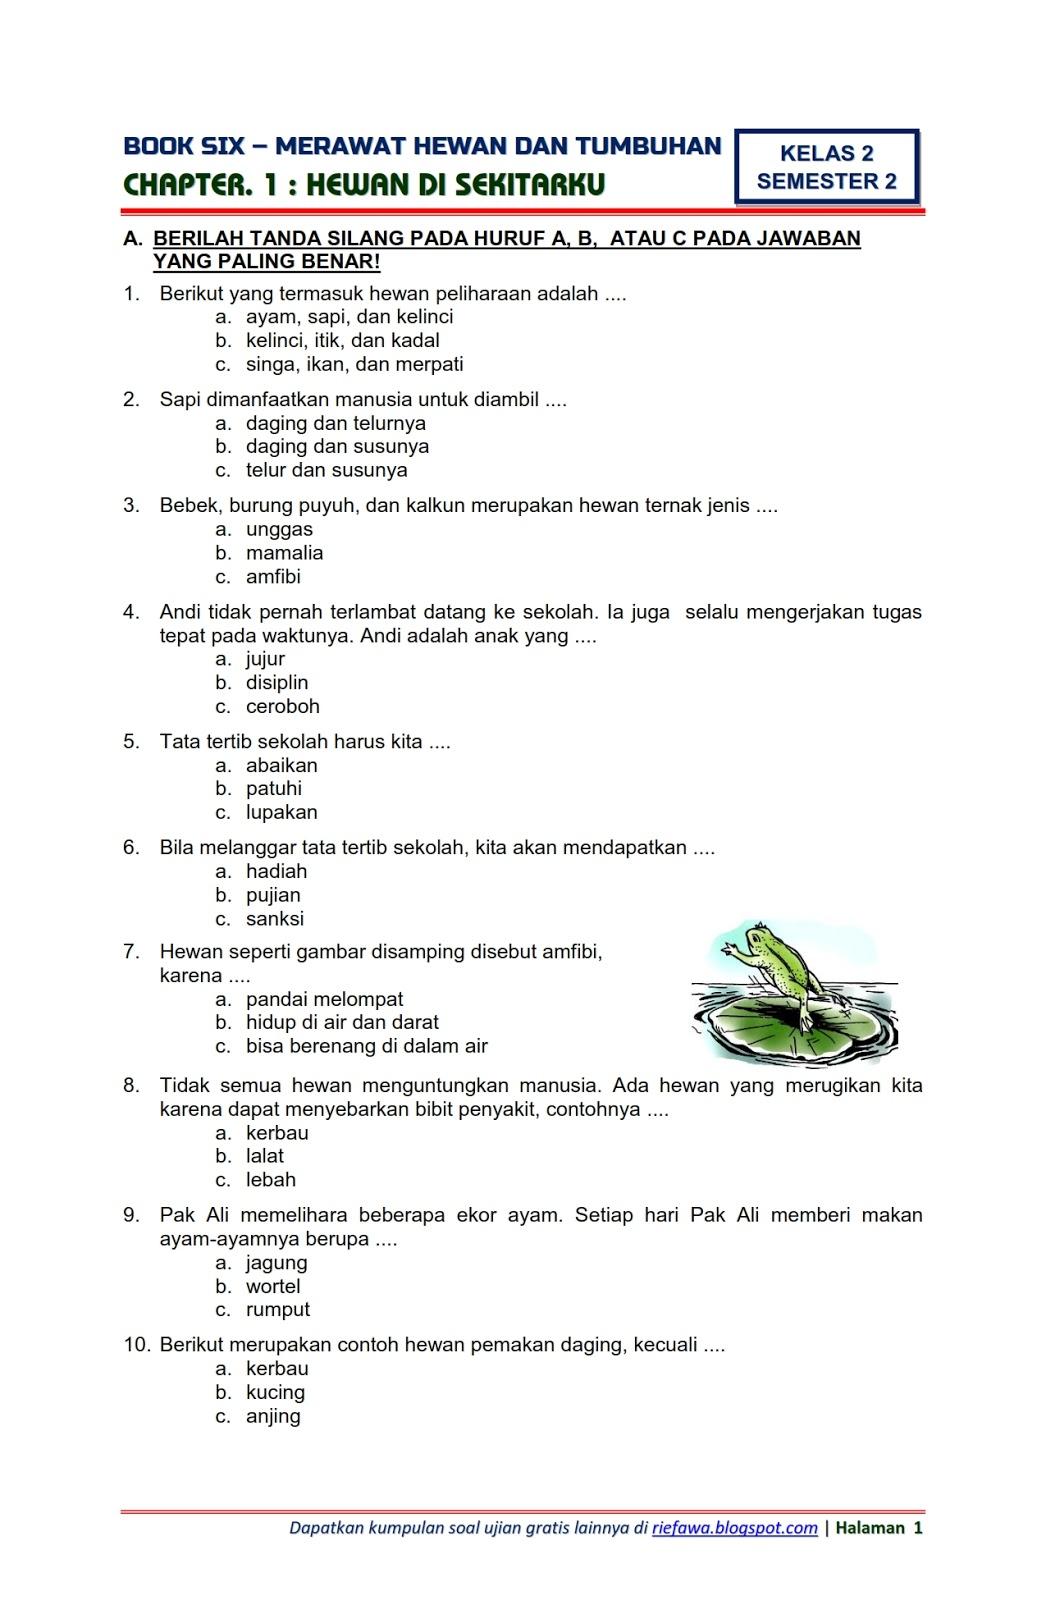 Download Soal Tematik Kelas 2 Semester 2 Tema 6 Subtema 1 ...